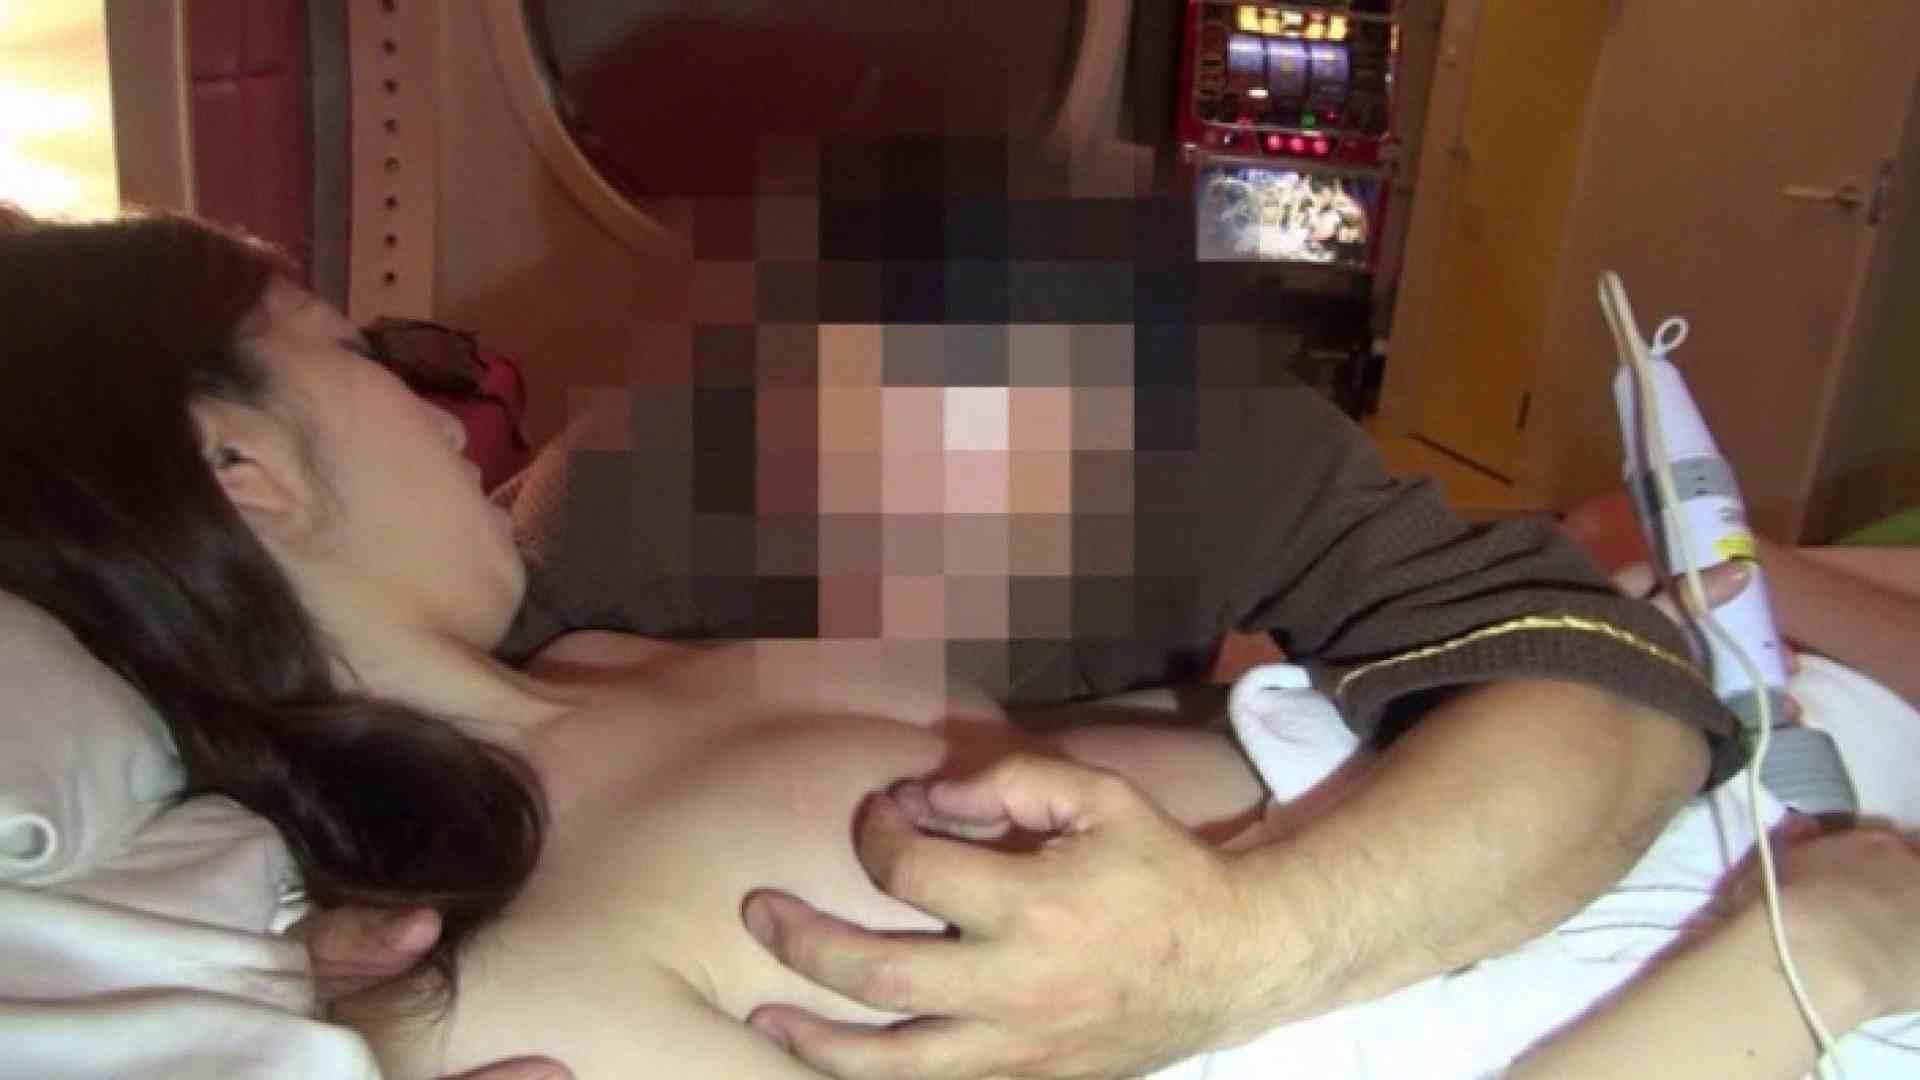 ハメ撮り天国 Vol.17 エッチすぎるお姉さん 濡れ場動画紹介 53連発 14